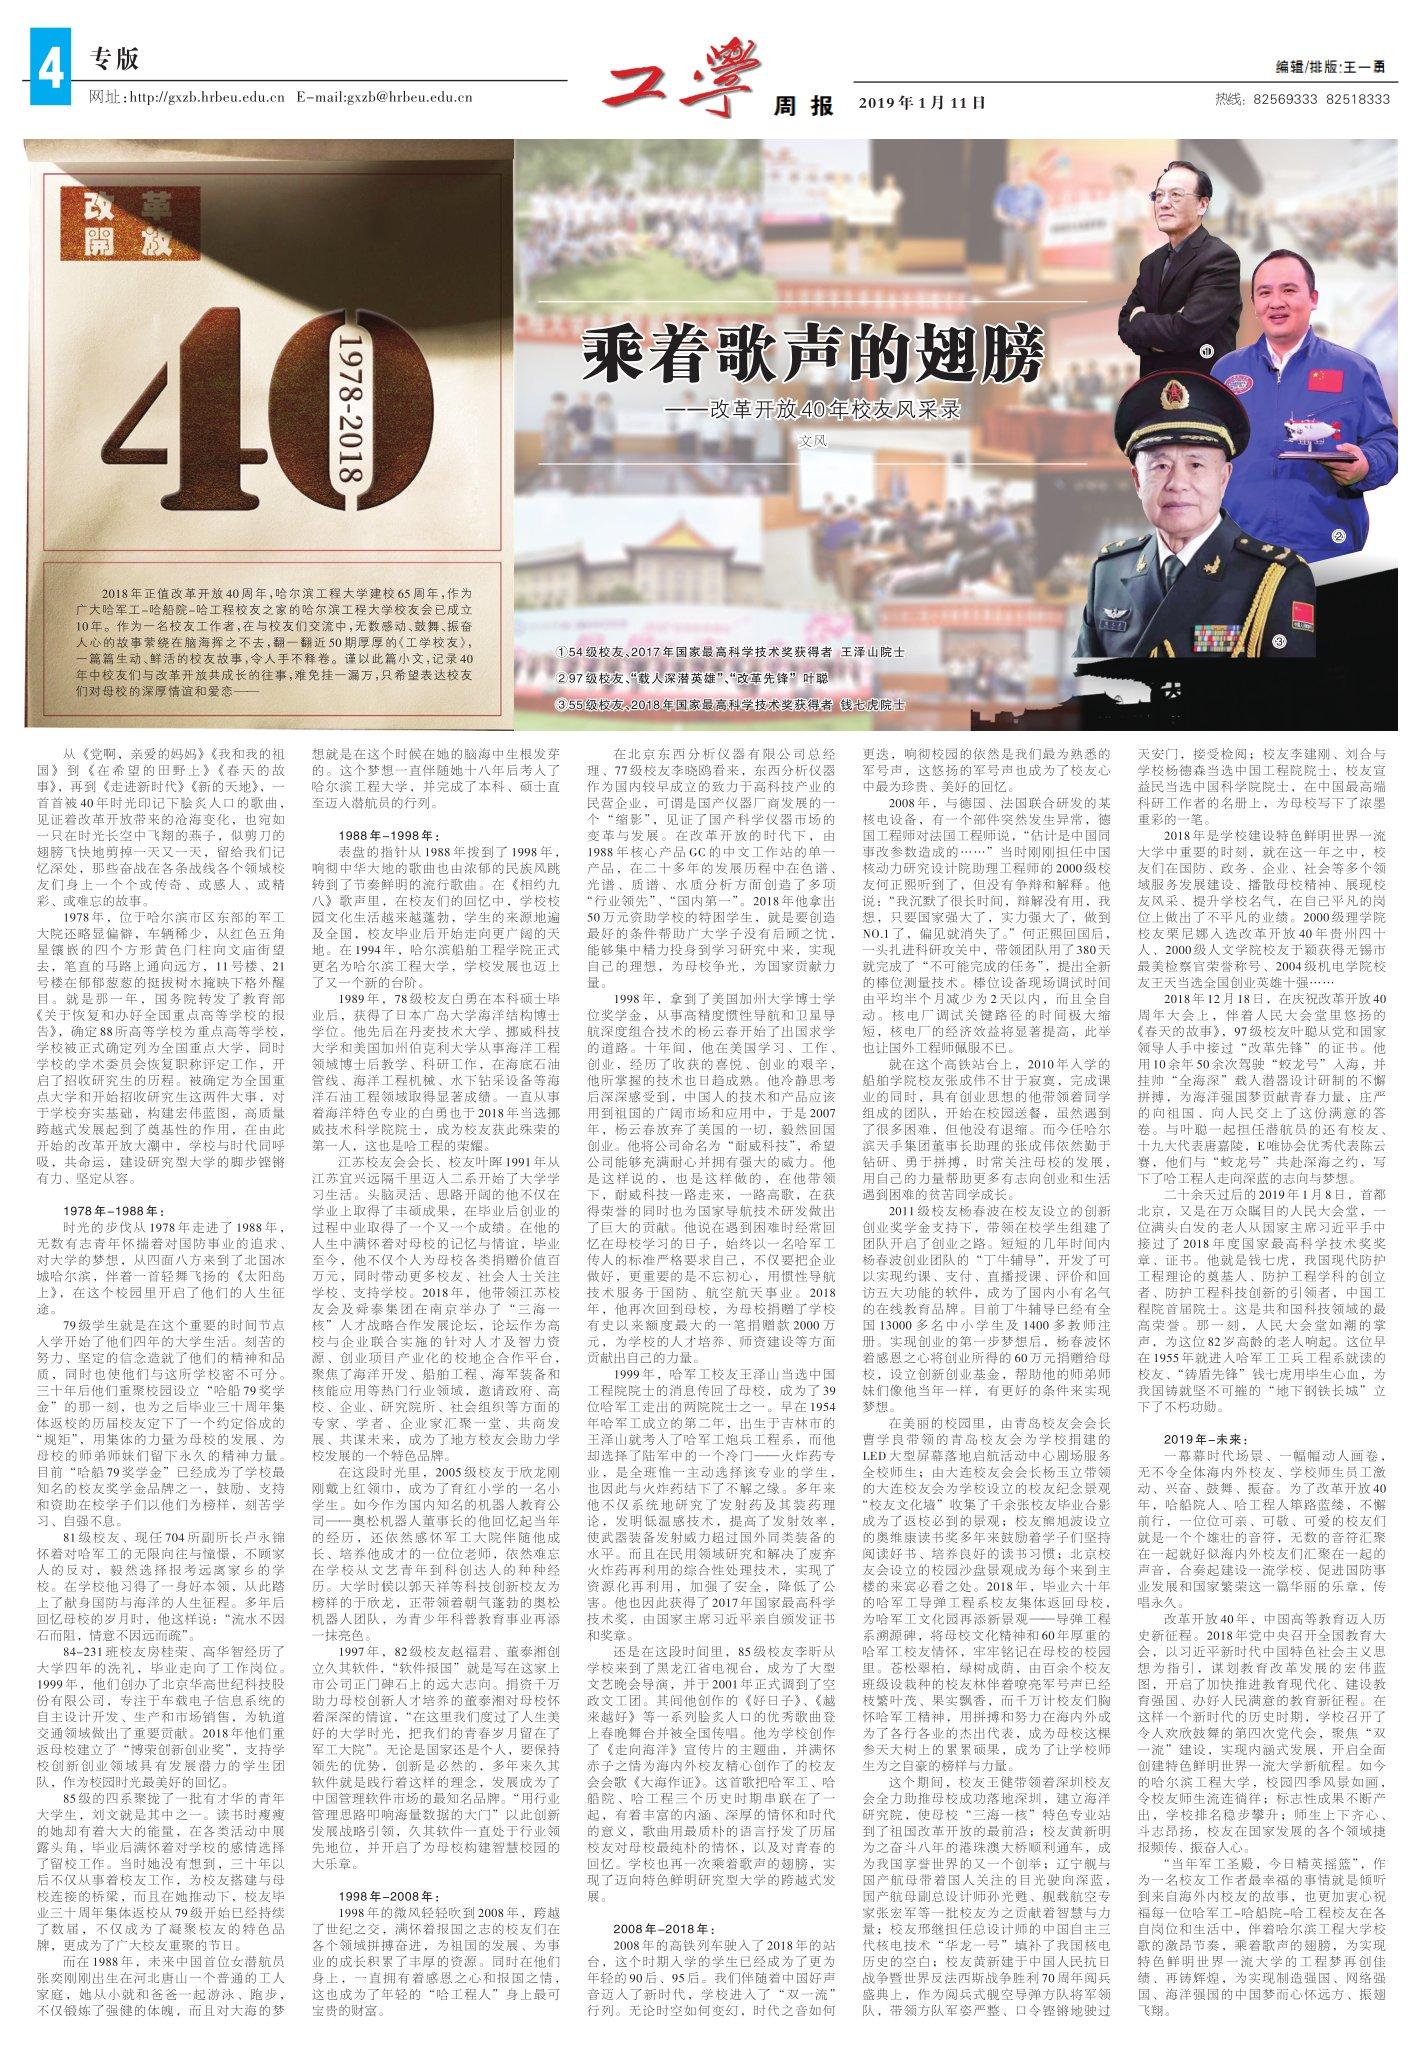 中国人同学录校��oe_他冷静思考后深深感受到,中国人的技术和产品应该用到祖国的广阔市场